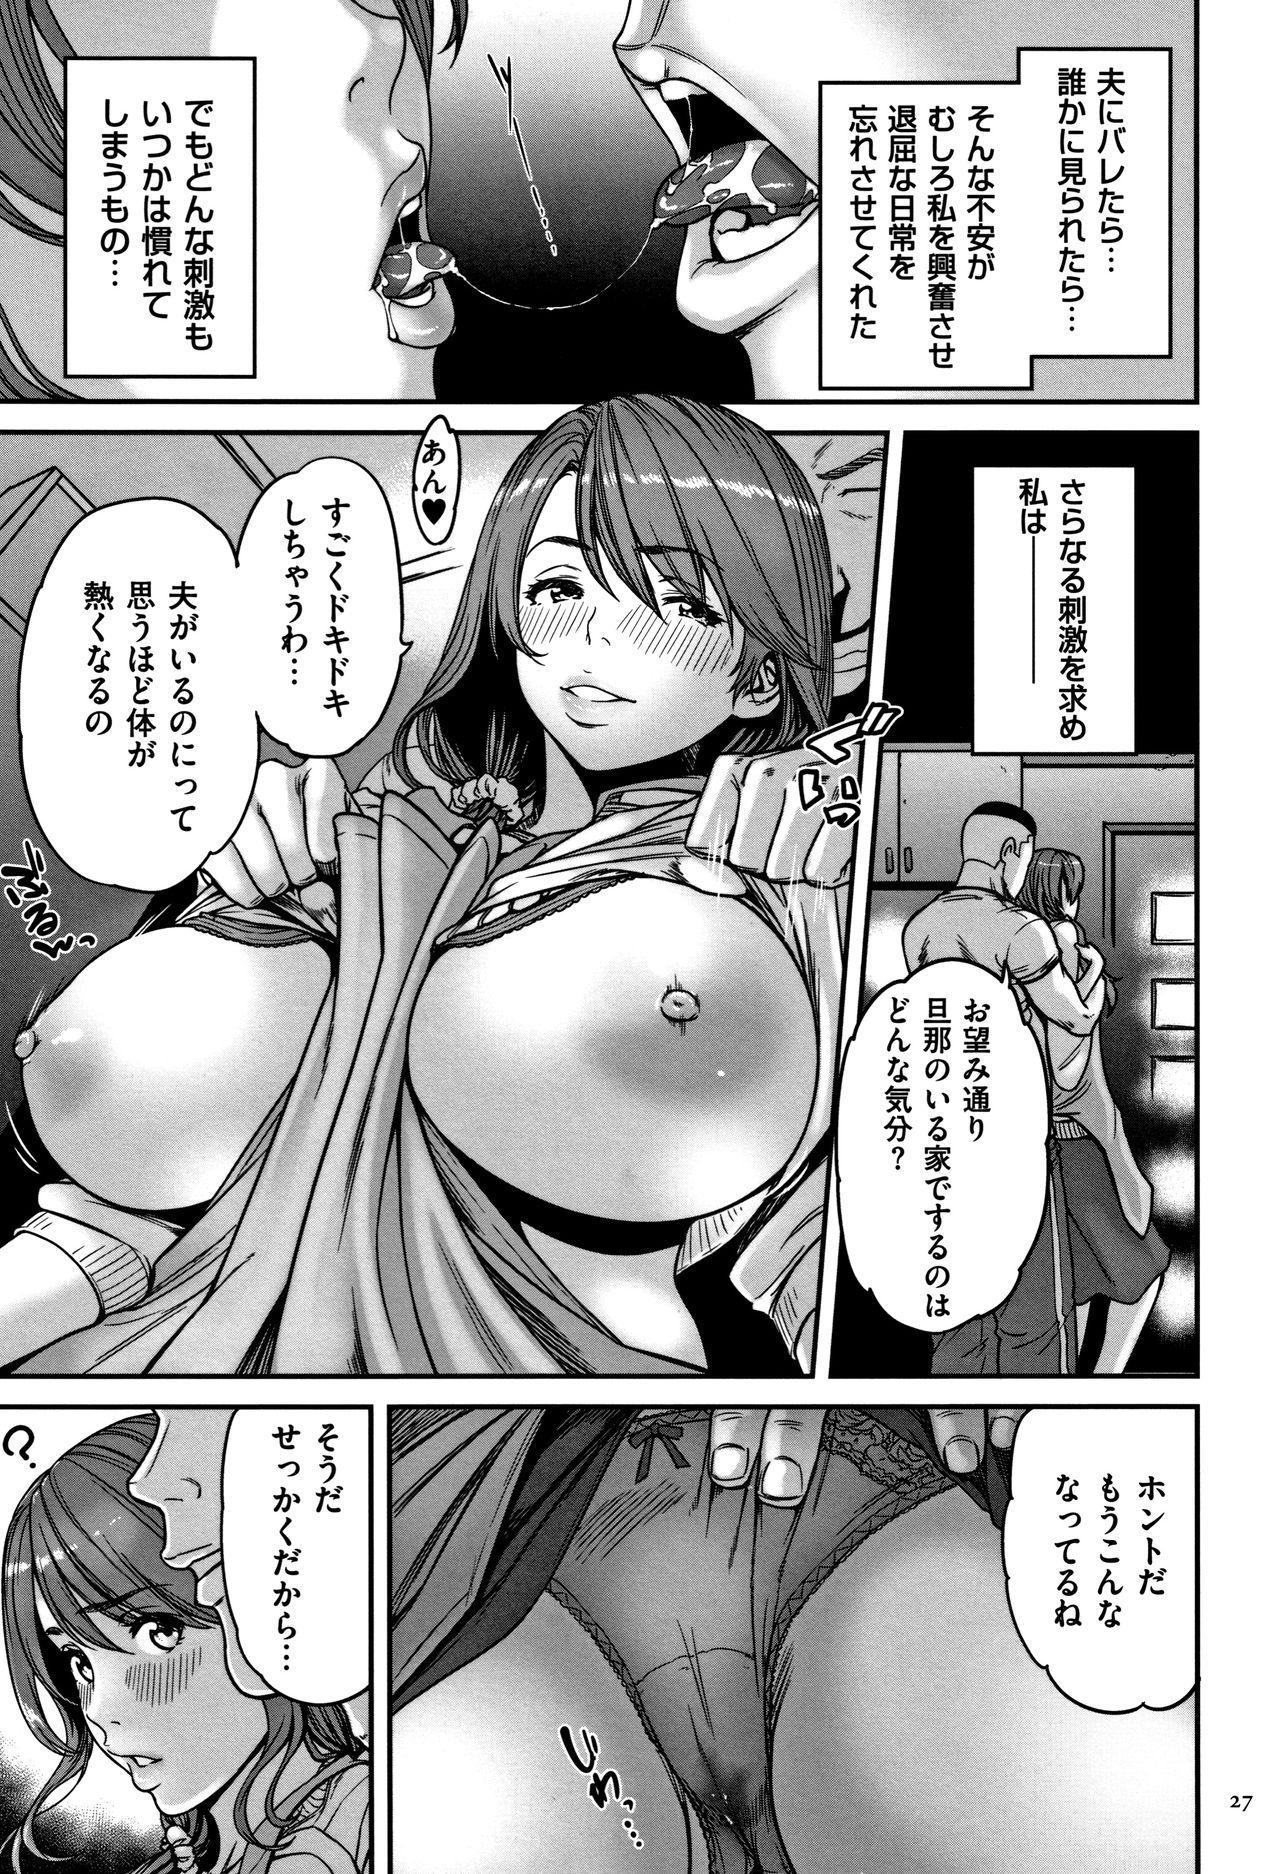 Tsumaiki - Tsuma no Ikigao ga Mitakute.... 27